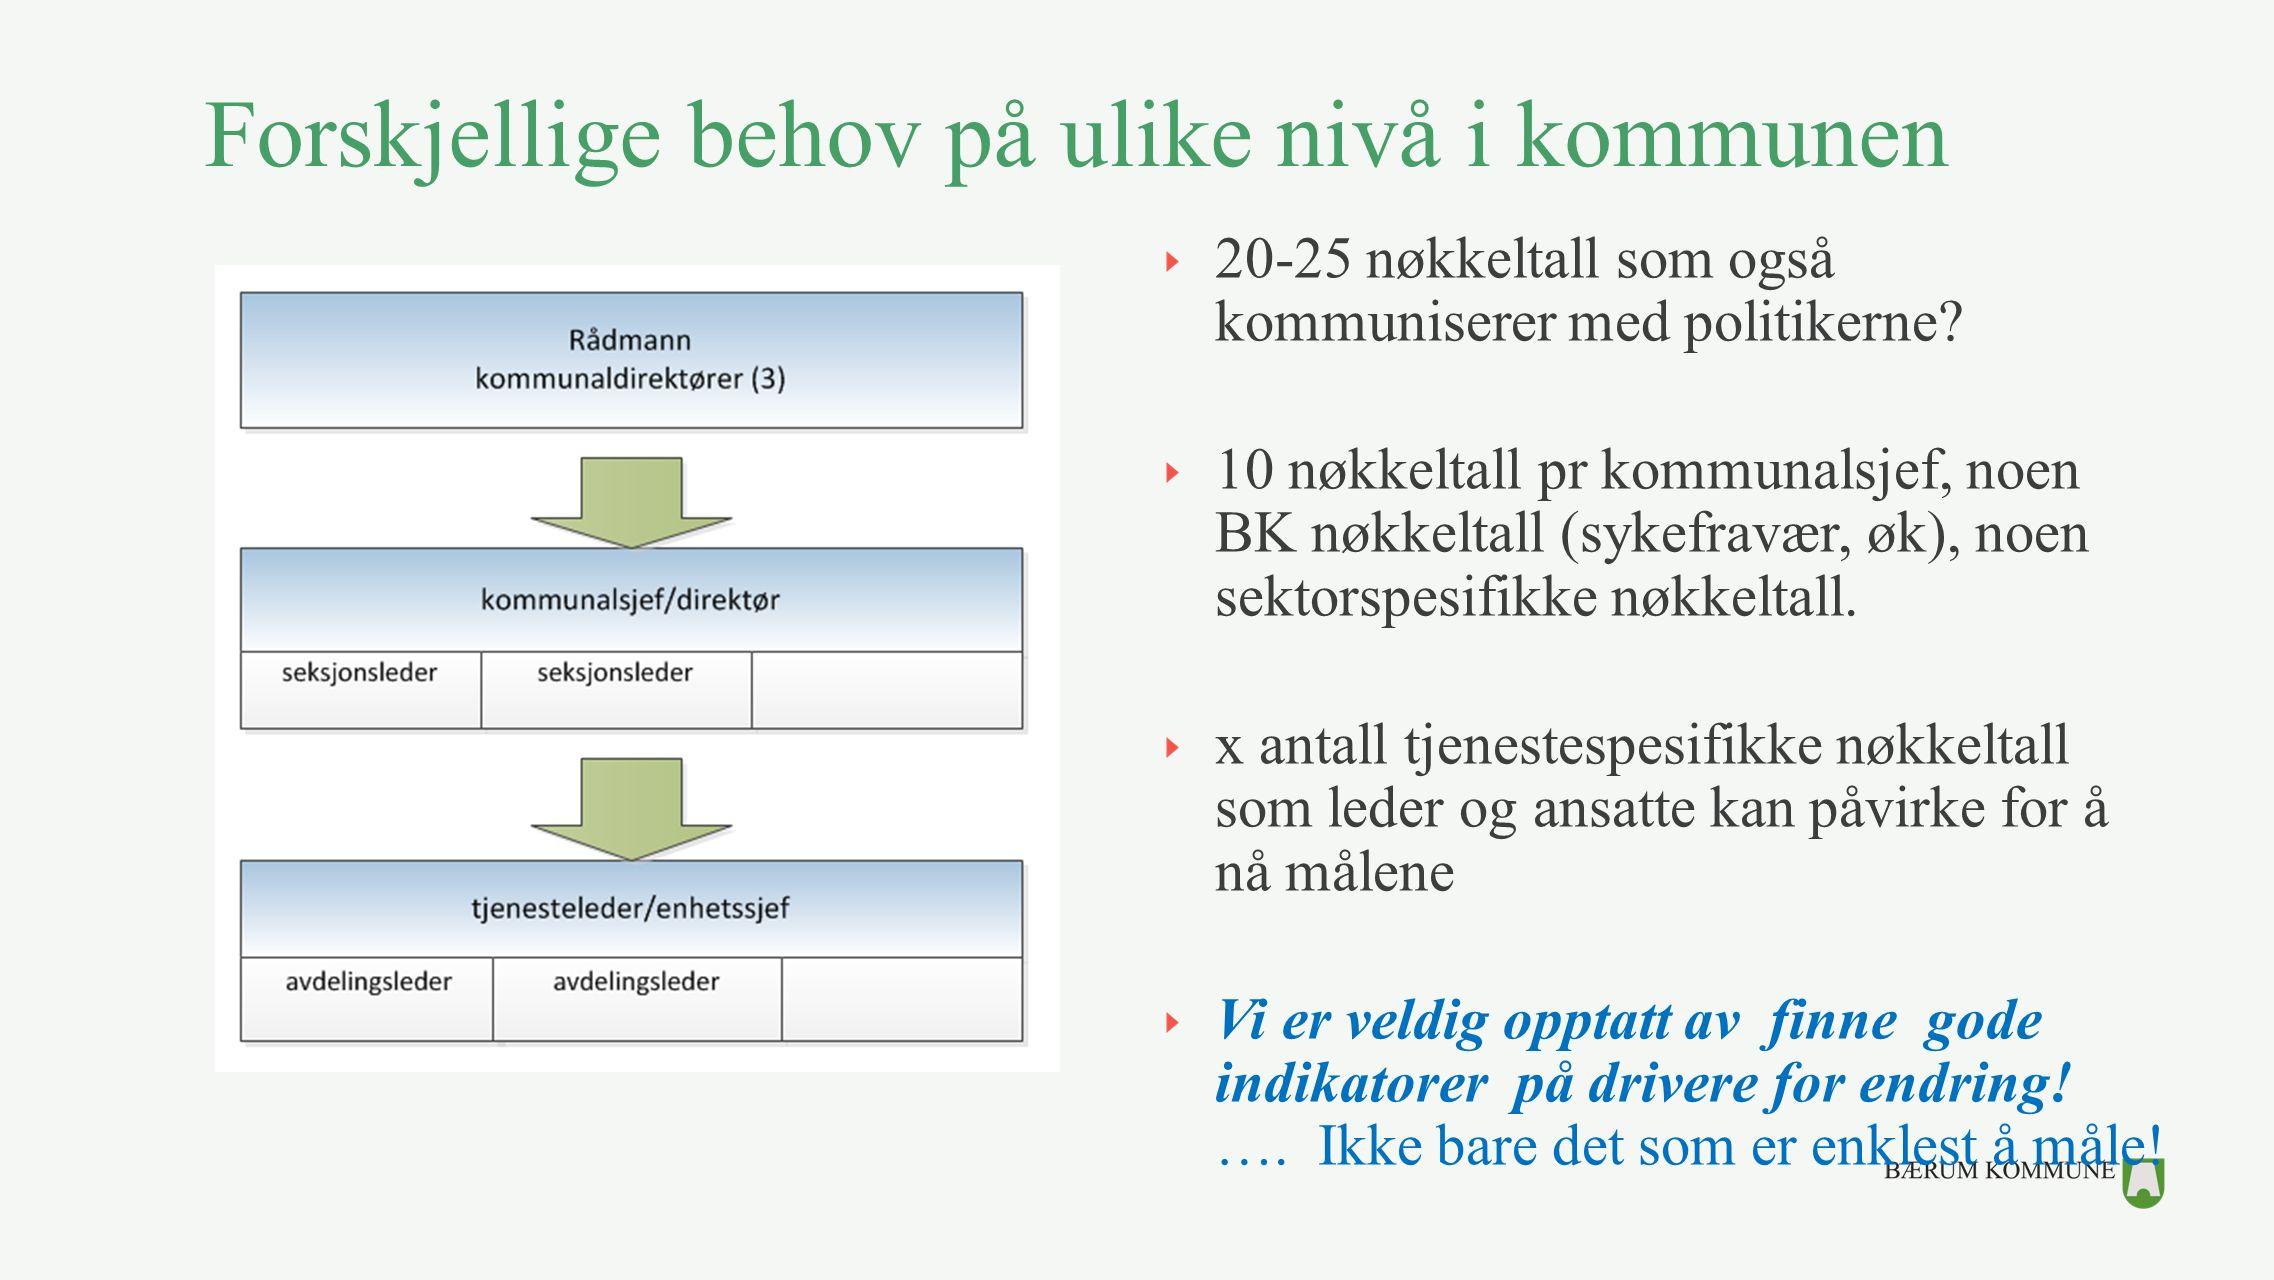 Forskjellige behov på ulike nivå i kommunen 20-25 nøkkeltall som også kommuniserer med politikerne? 10 nøkkeltall pr kommunalsjef, noen BK nøkkeltall